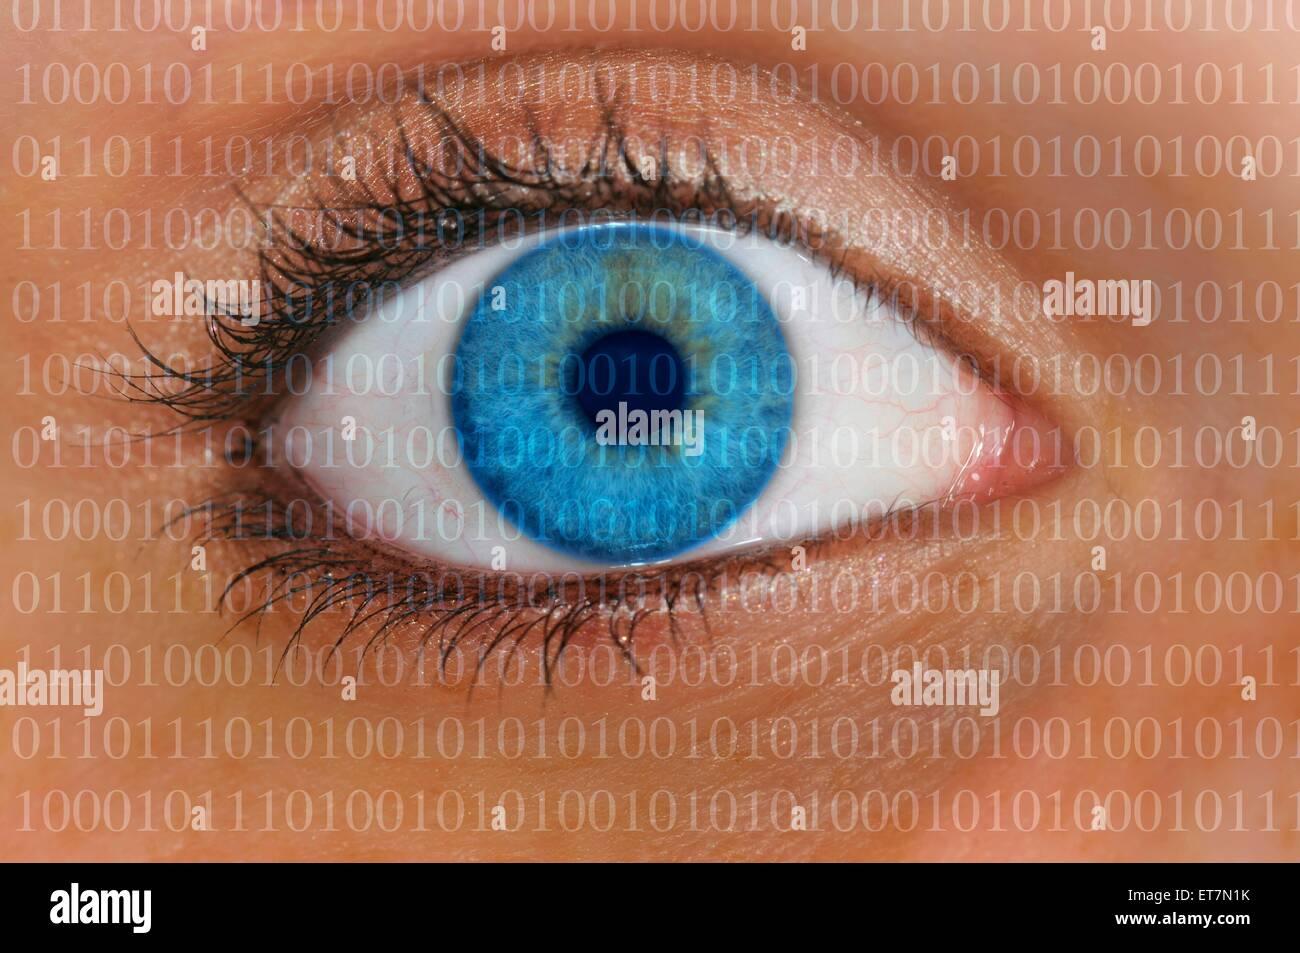 Detailaufnahme Auge mit Iris Zahlenkolonnen als Symbolbild Speicherung personenbezogener Daten | ojo y columnas de cifras, sy Foto de stock